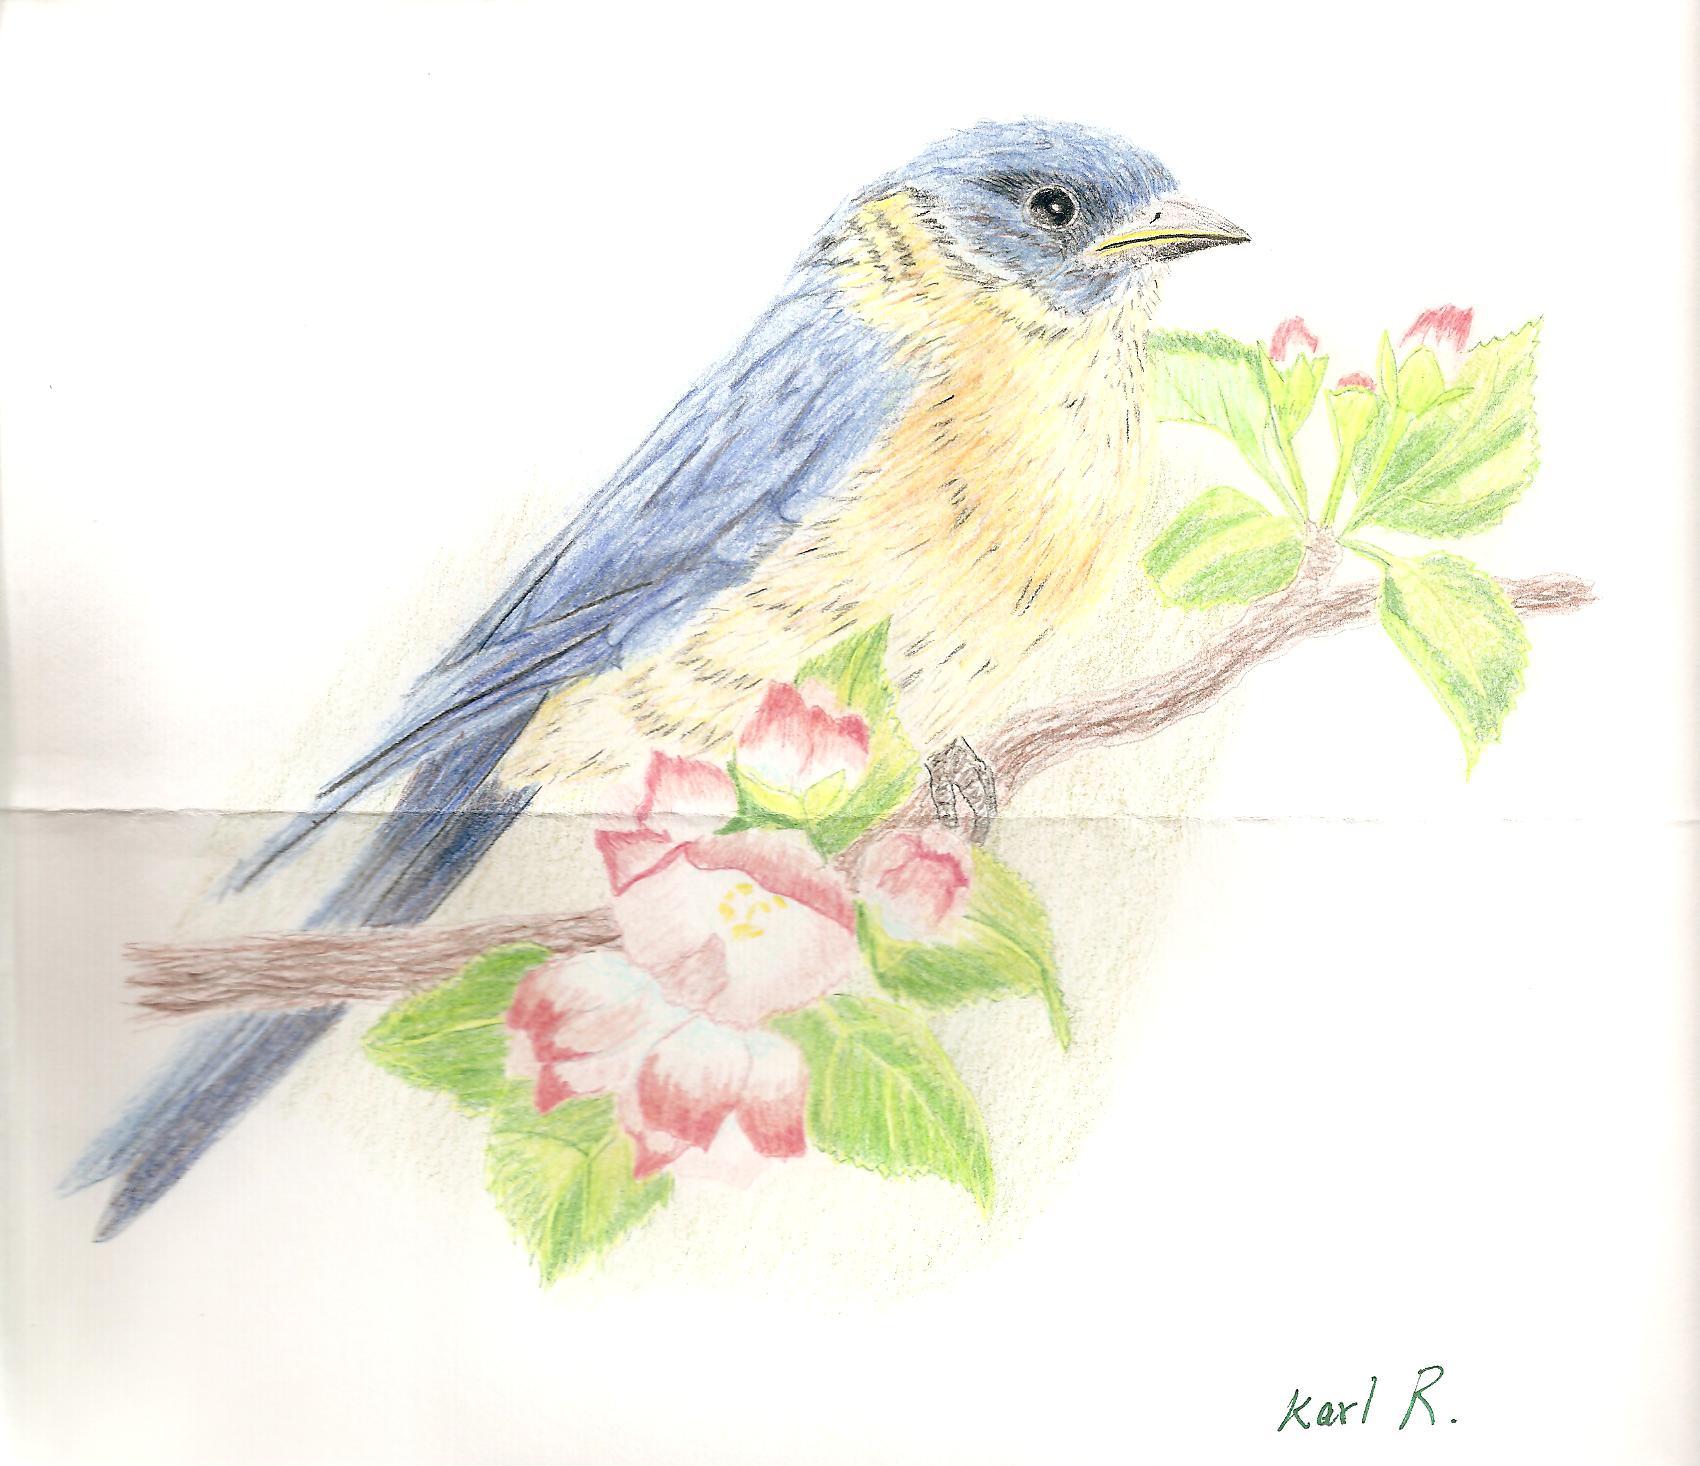 Karl R's bluebird 001.jpg